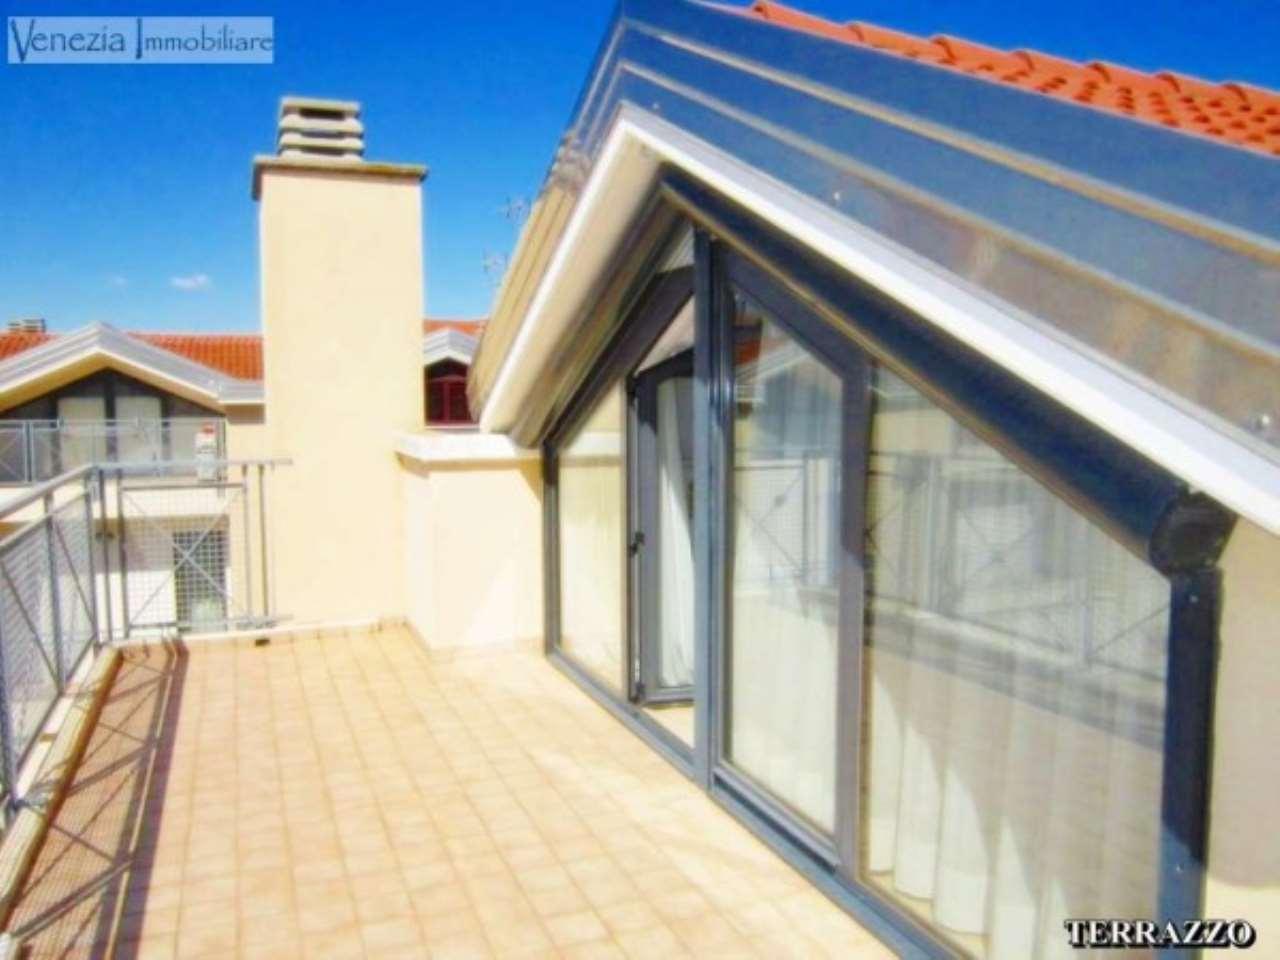 Attico / Mansarda in vendita a Chioggia, 4 locali, prezzo € 270.000 | Cambio Casa.it